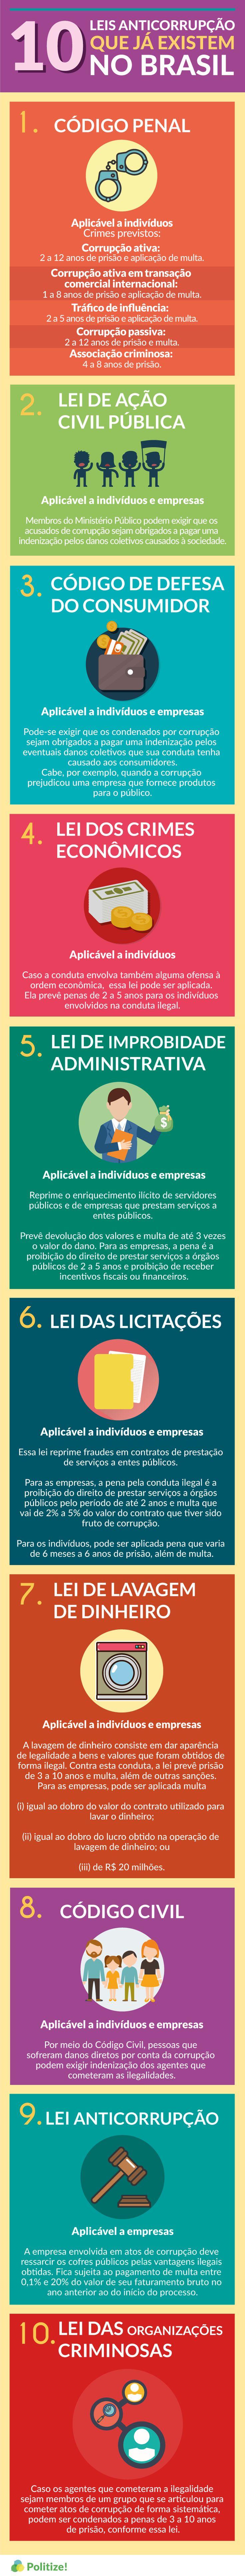 Leis contra a corrupção no Brasil não faltam. Veja 10 exemplos: